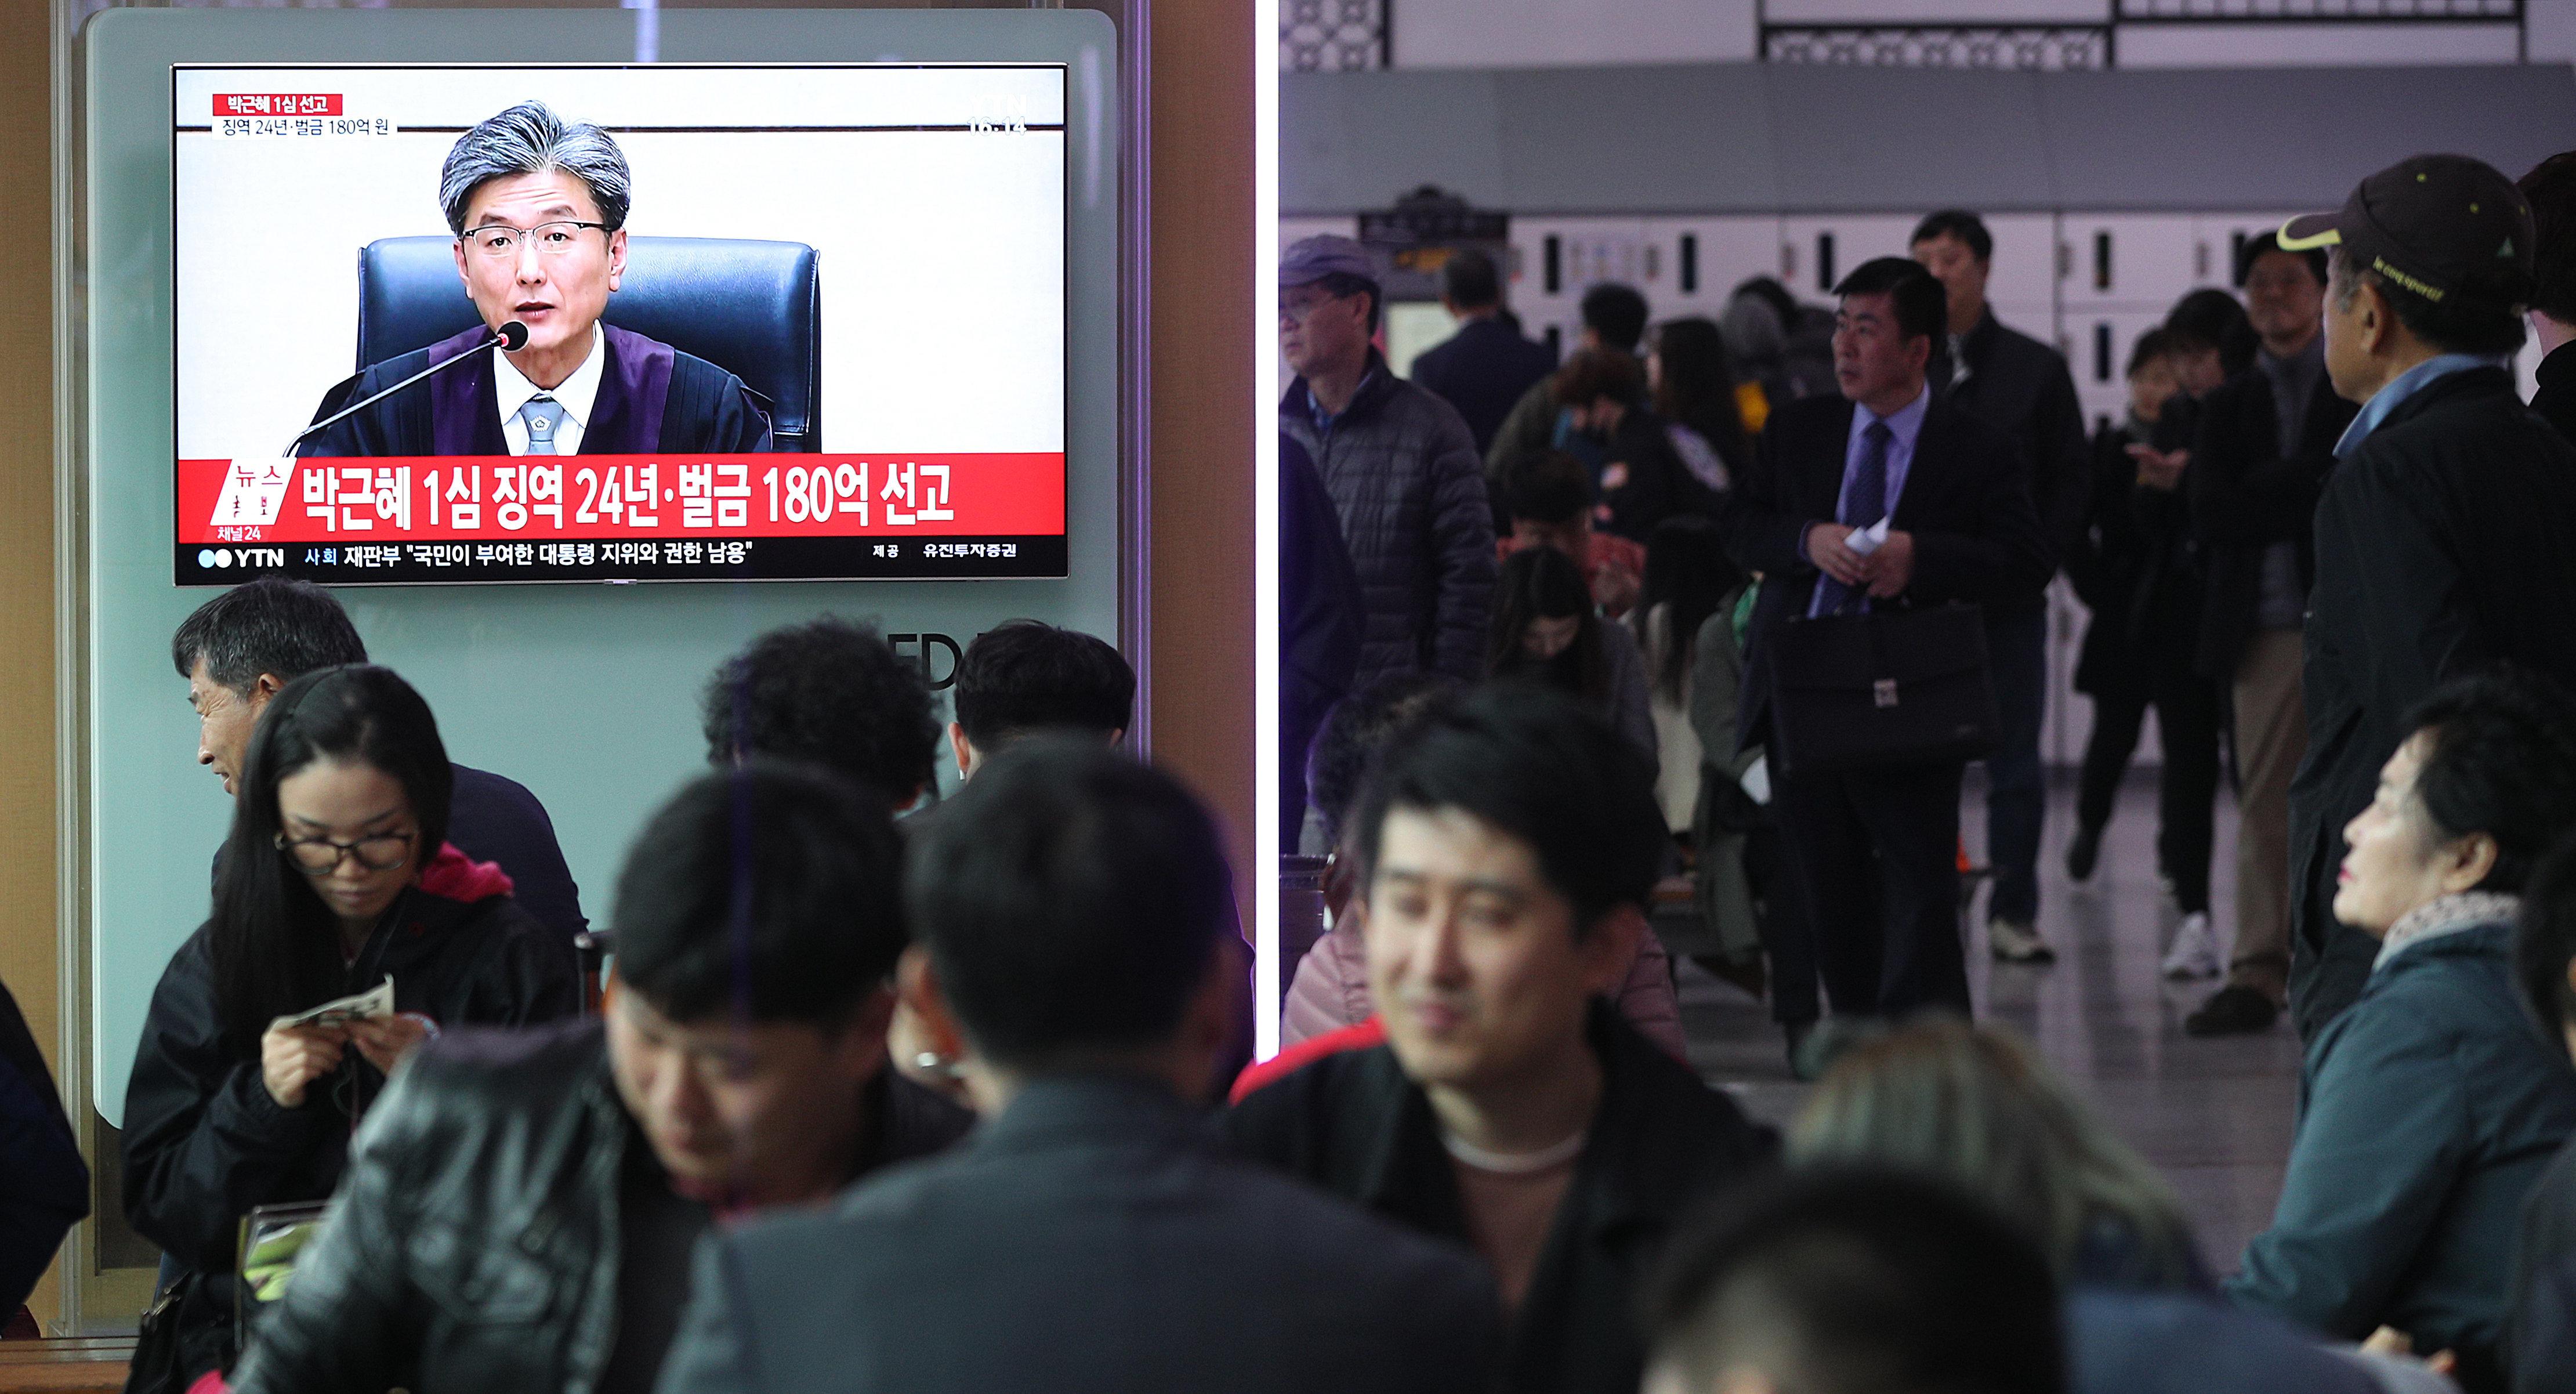 박근혜 1심 재판부가 밝힌 '징역 24년형'을 내린